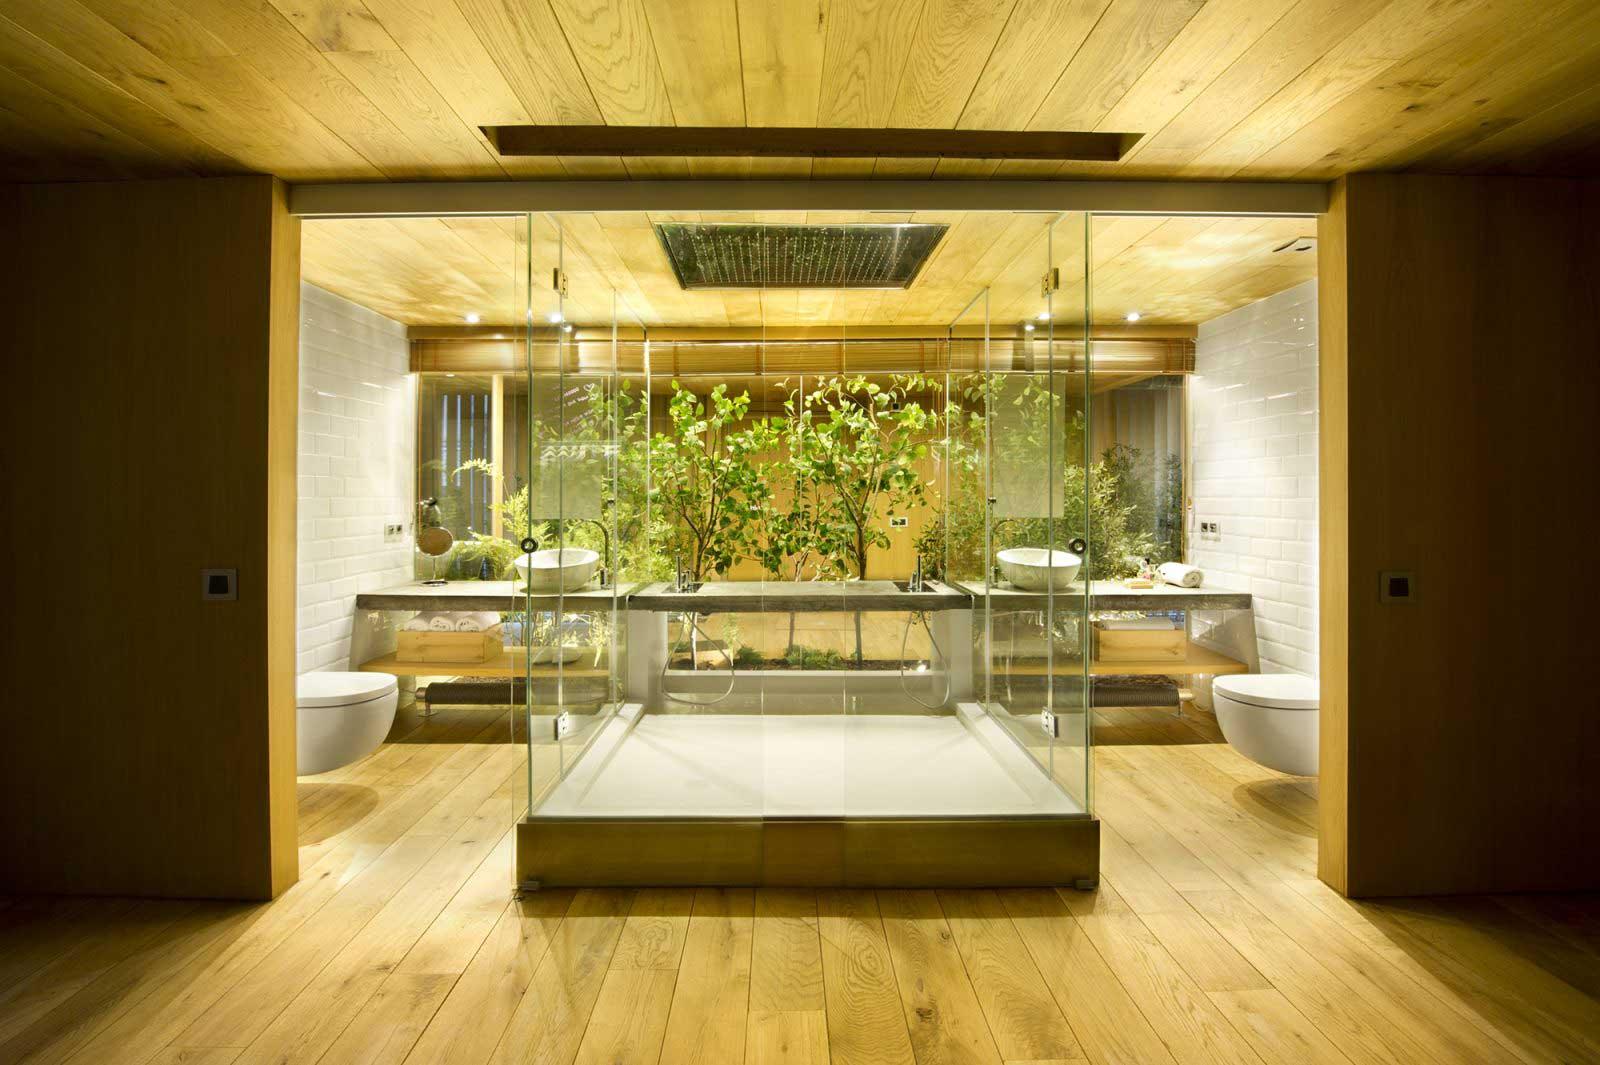 Salle de bains avec plafond en bois